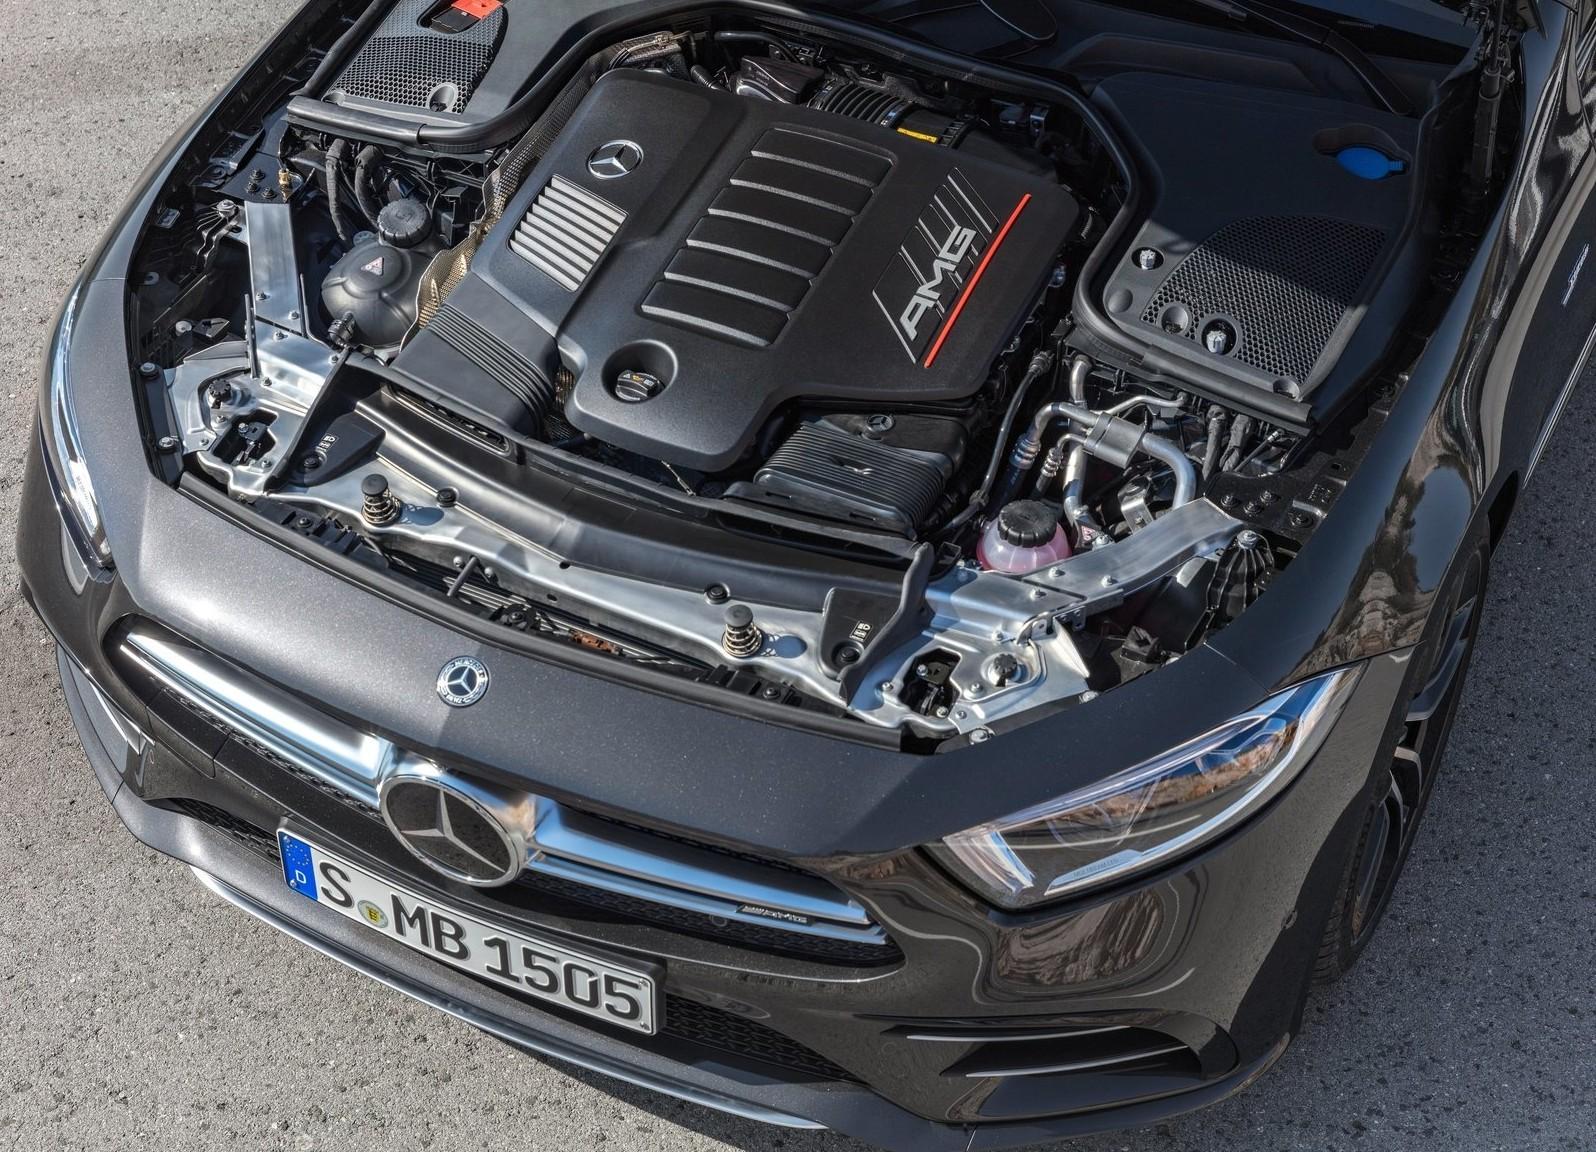 На фото: двигатель Mercedes-AMG серии M256. Этот же мотор может